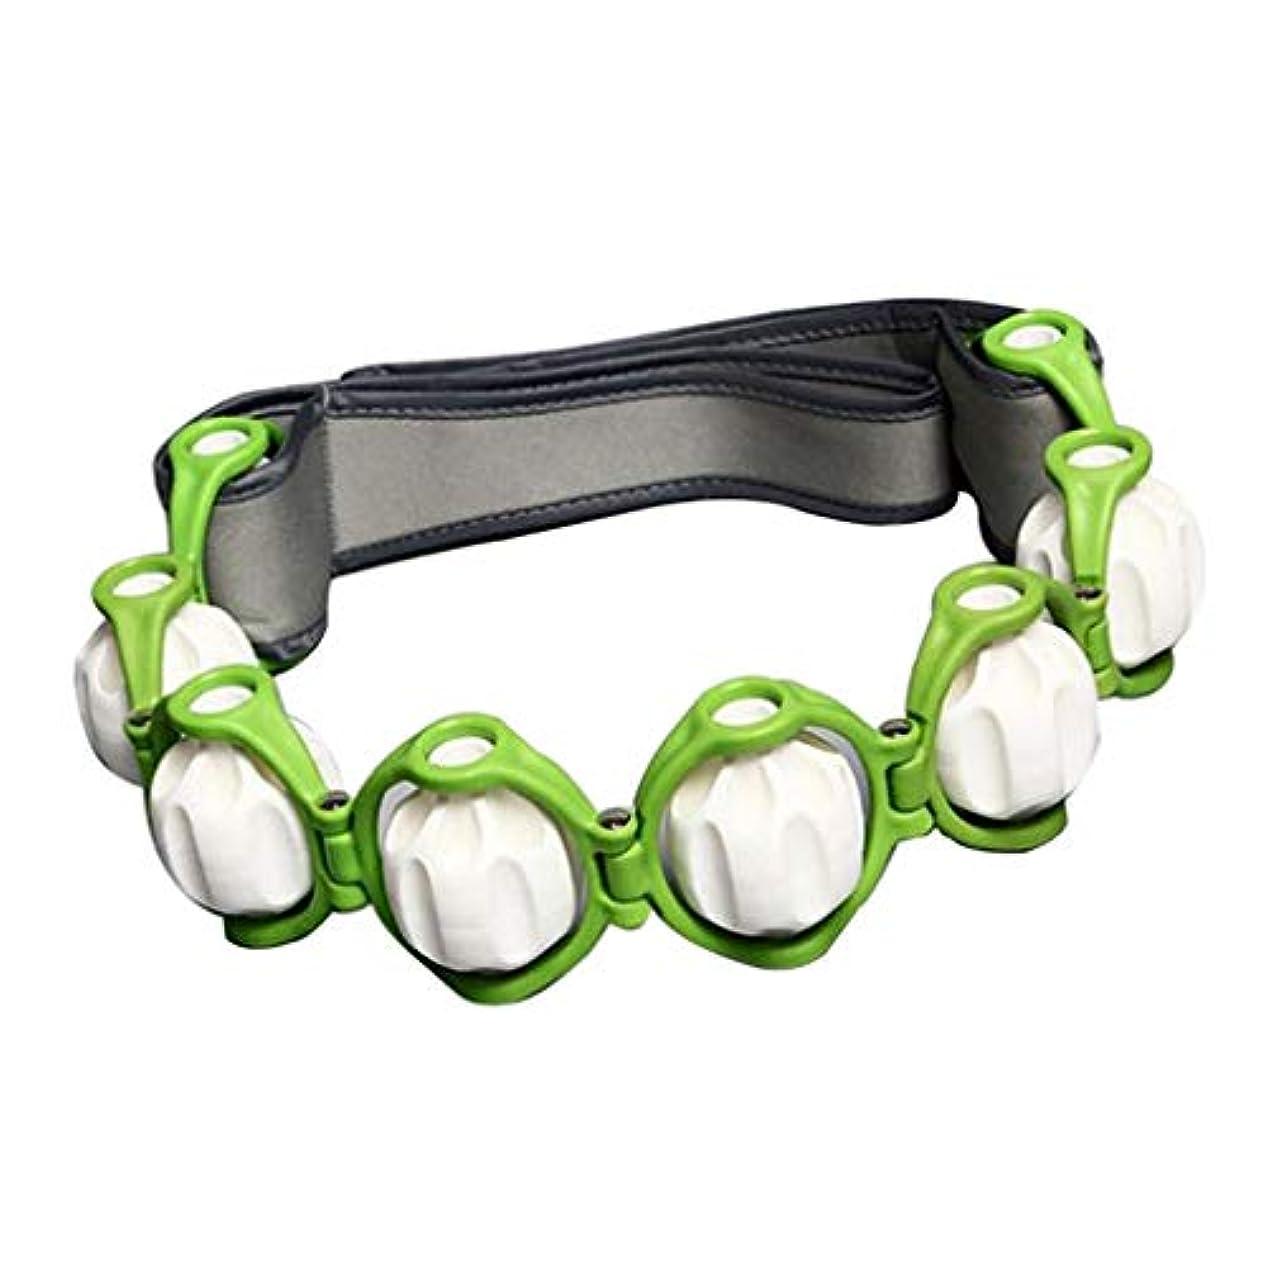 叫ぶフォルダ涙が出るchiwanji トリガーポイントノードローリングボール付きハンドヘルドフルボディマッサージローラーロープ - 緑, 説明したように